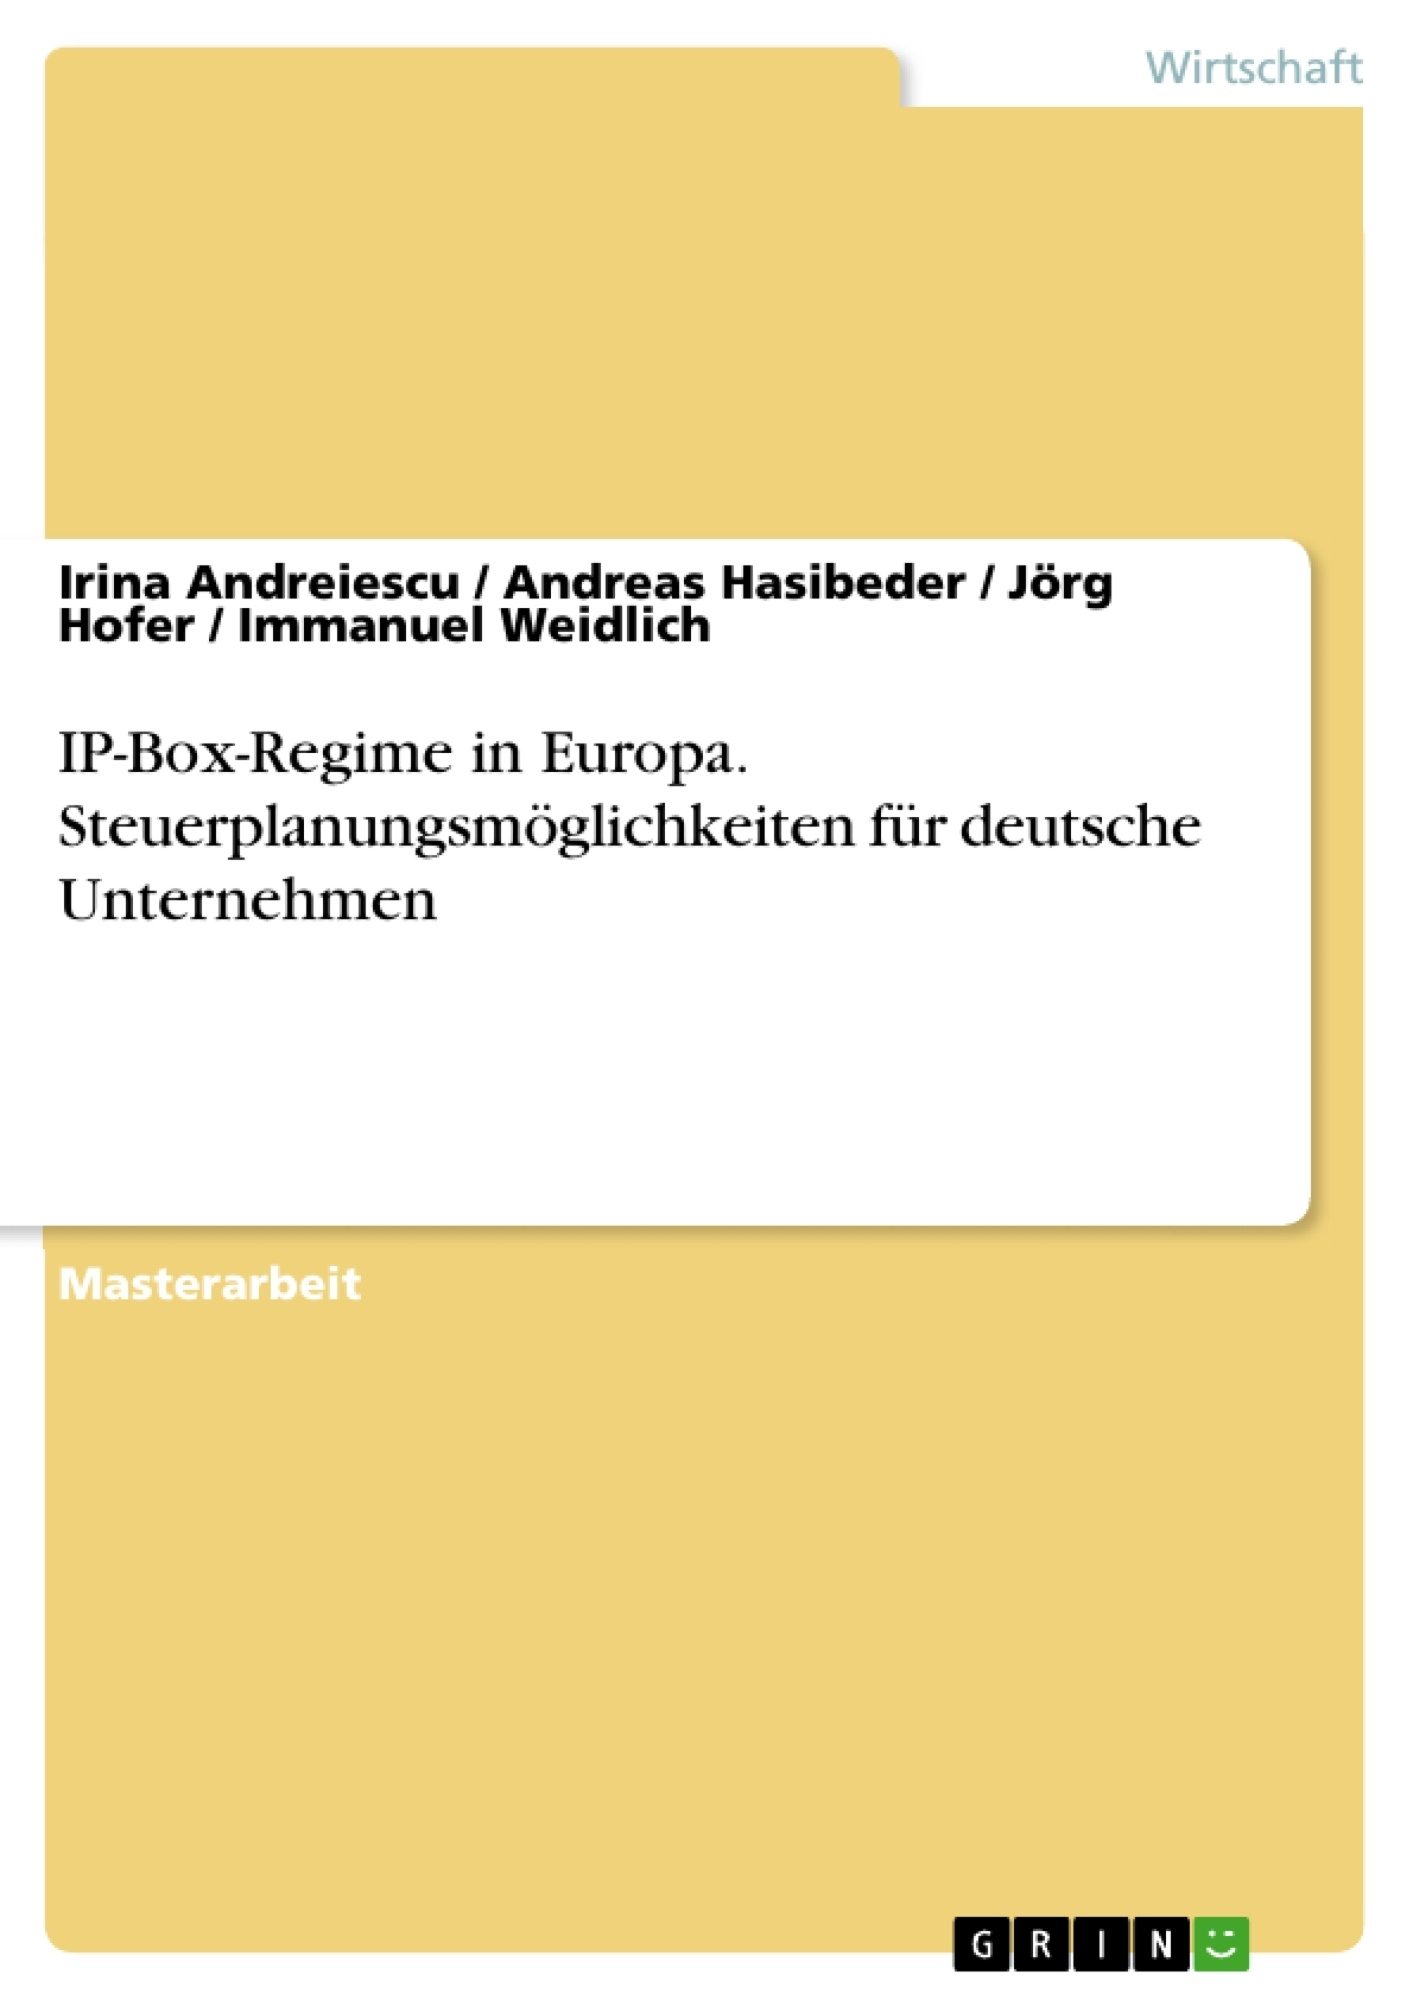 Titel: IP-Box-Regime in Europa. Steuerplanungsmöglichkeiten für deutsche Unternehmen